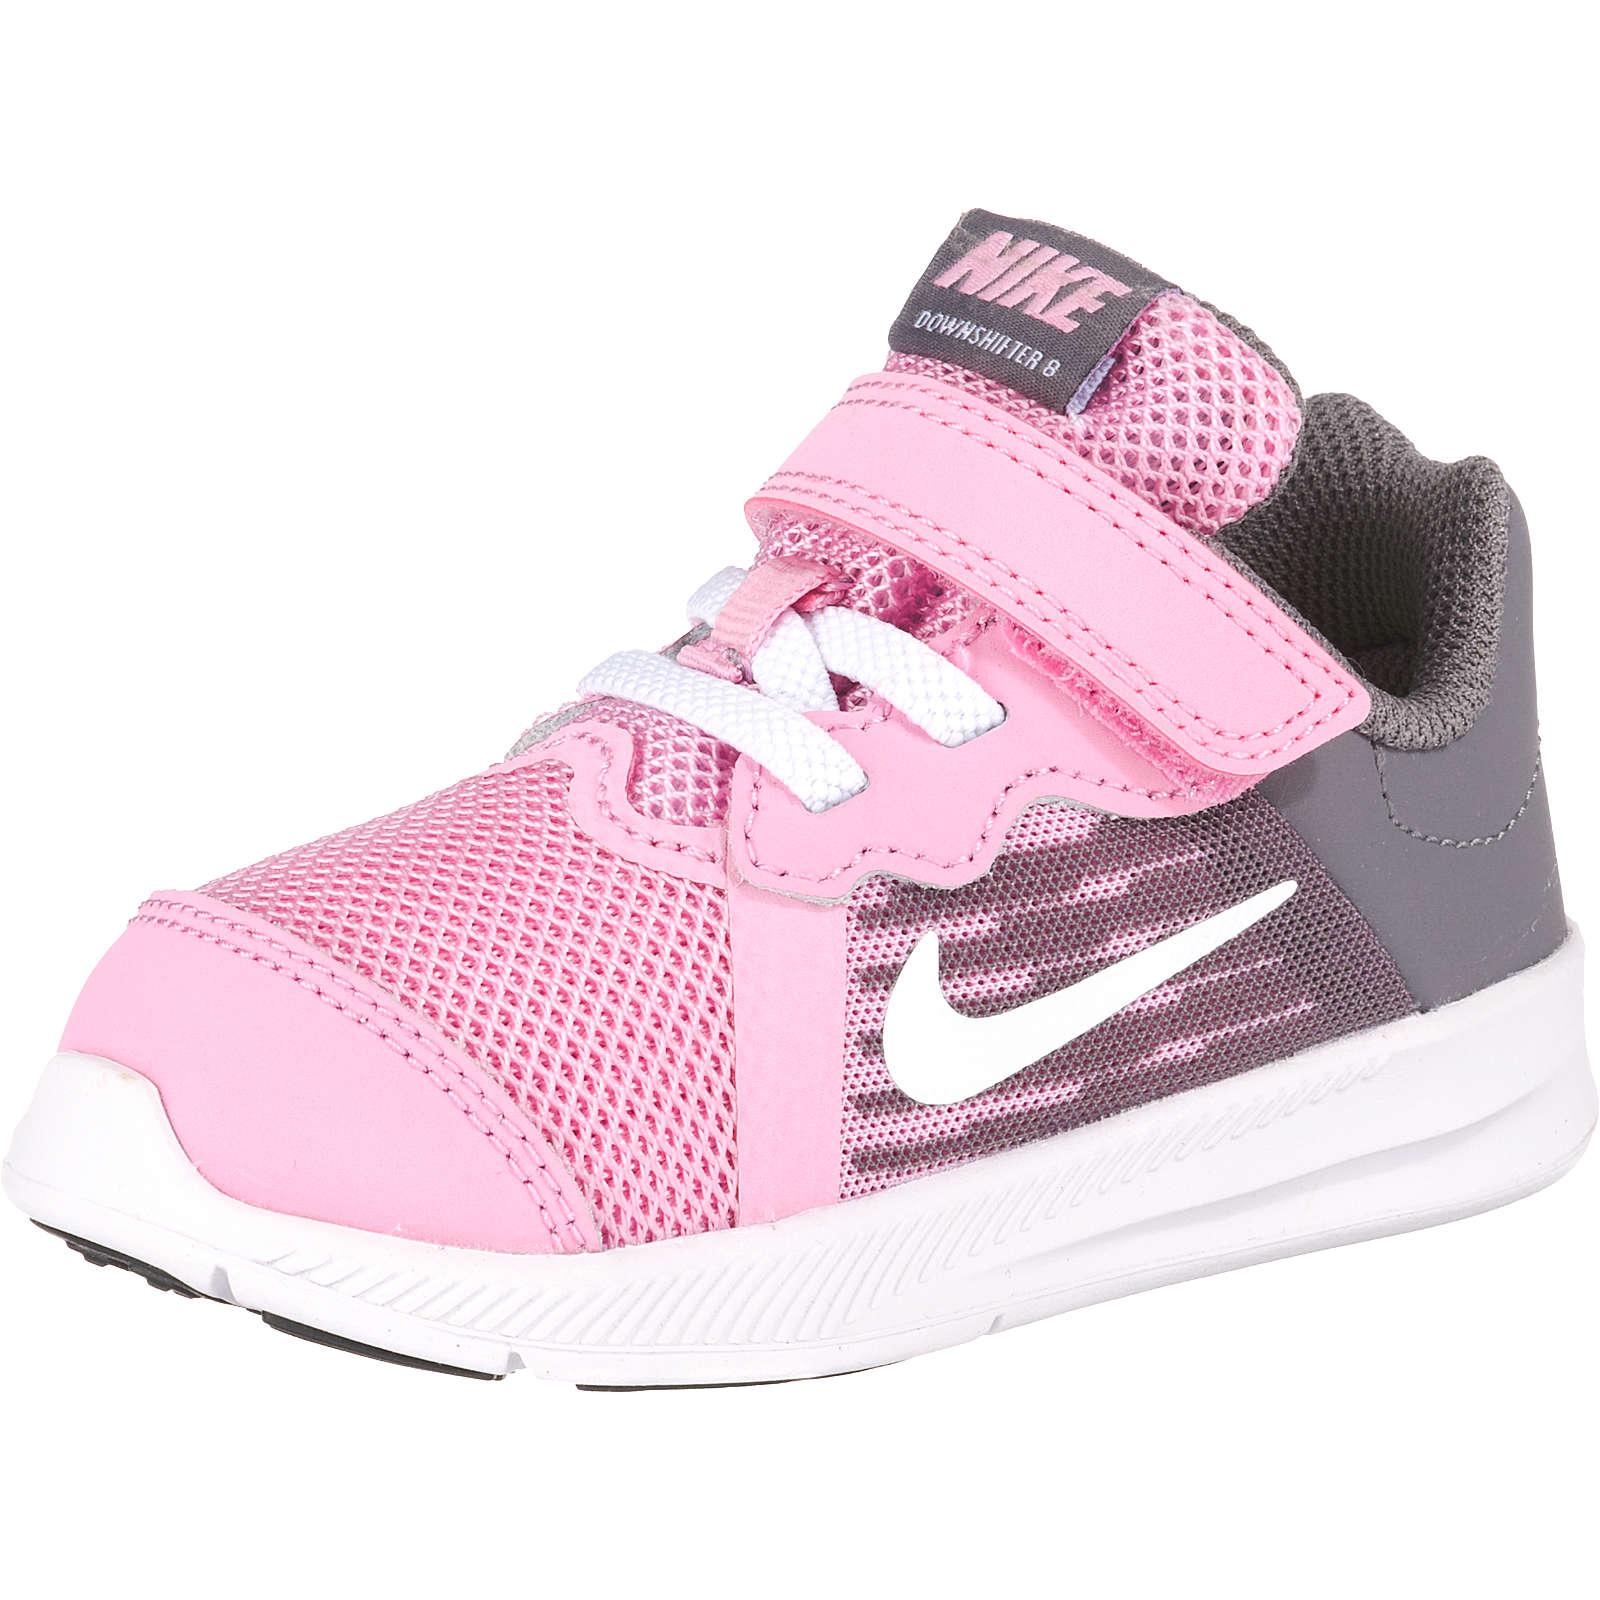 Nike Performance Baby Sportschuhe DOWNSHIFTER 8 (TDV) für Mädchen rosa Mädchen Gr. 21